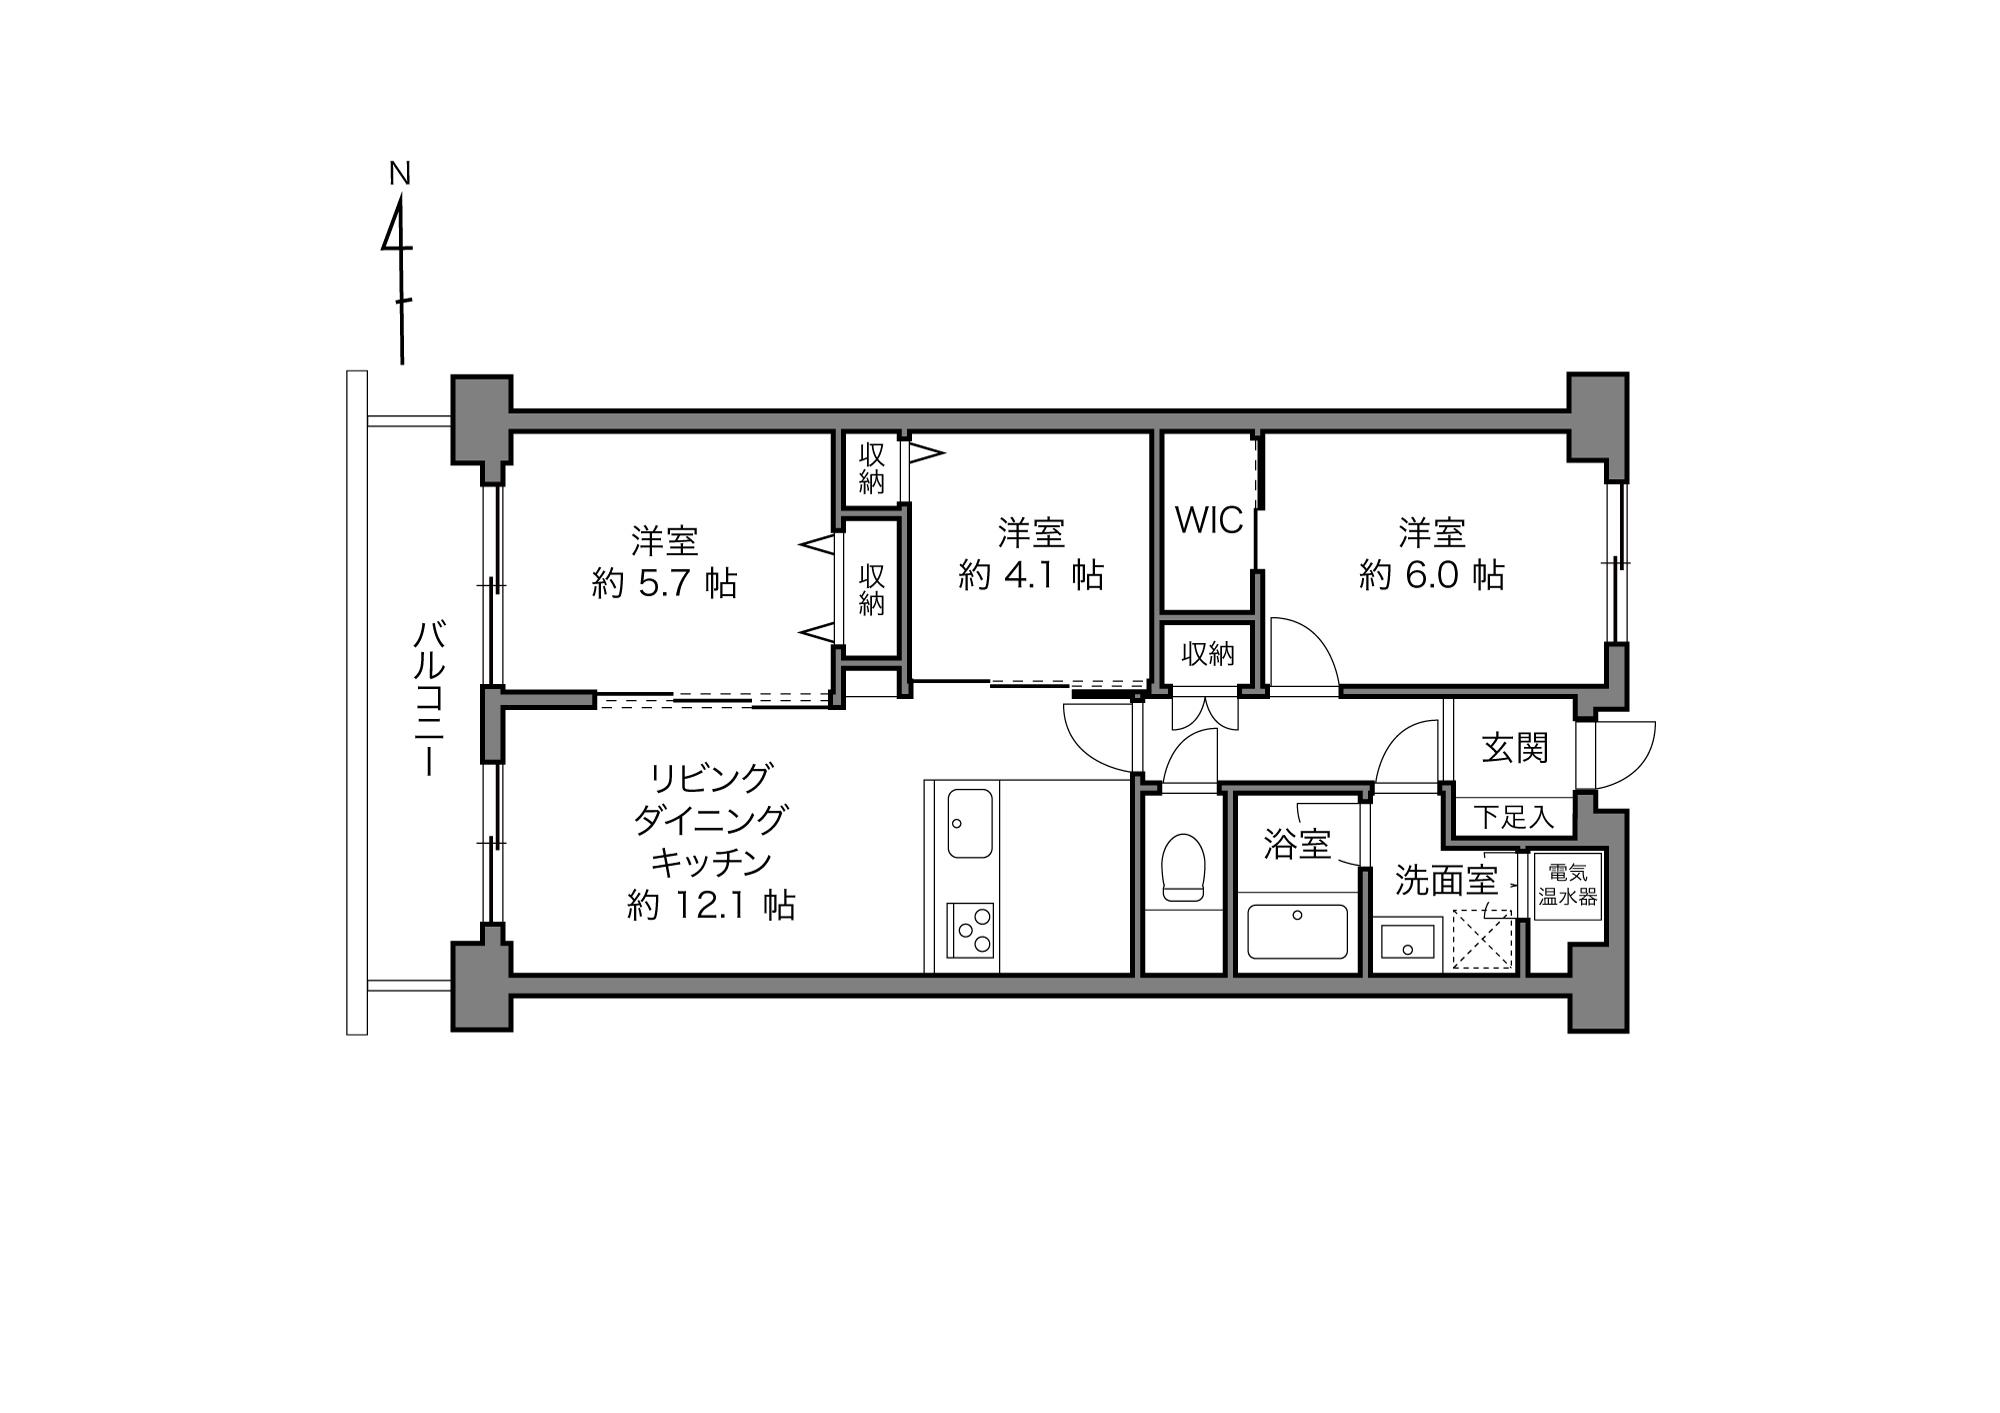 東陽町駅 / 3LDK / 61.72㎡